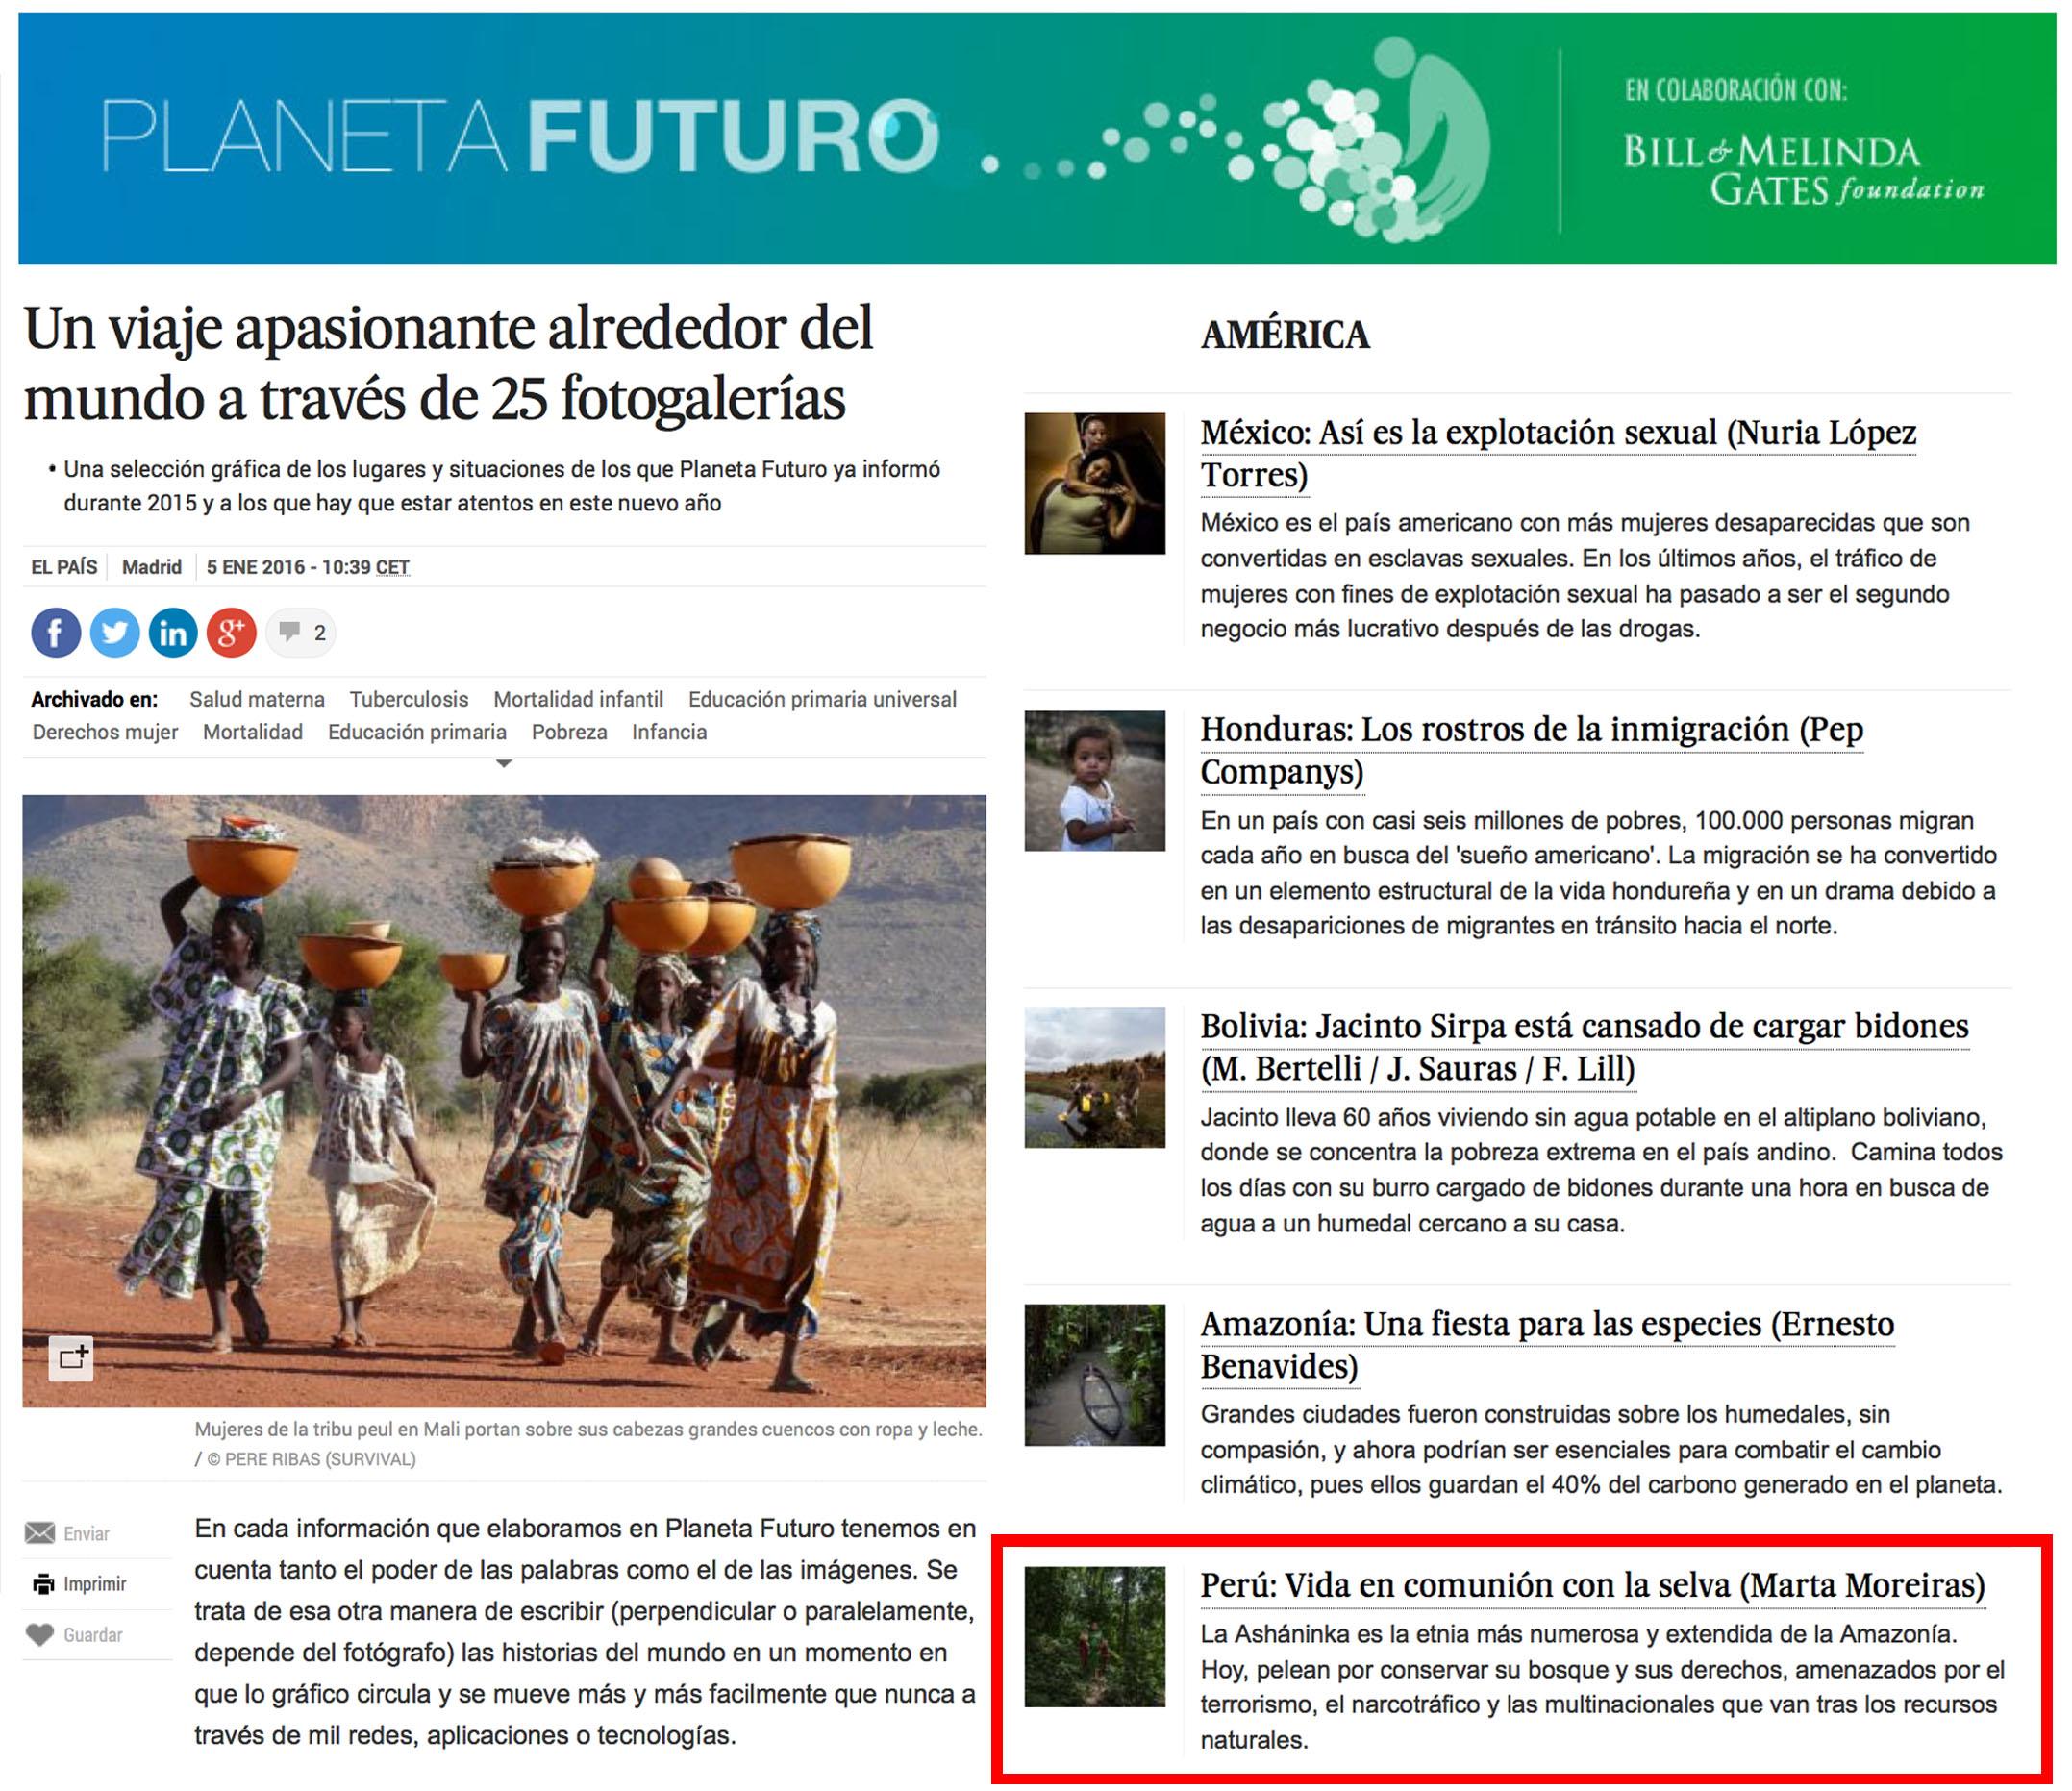 Planeta Futuro_Mejores 25 fotogralerias 2015_72ppp